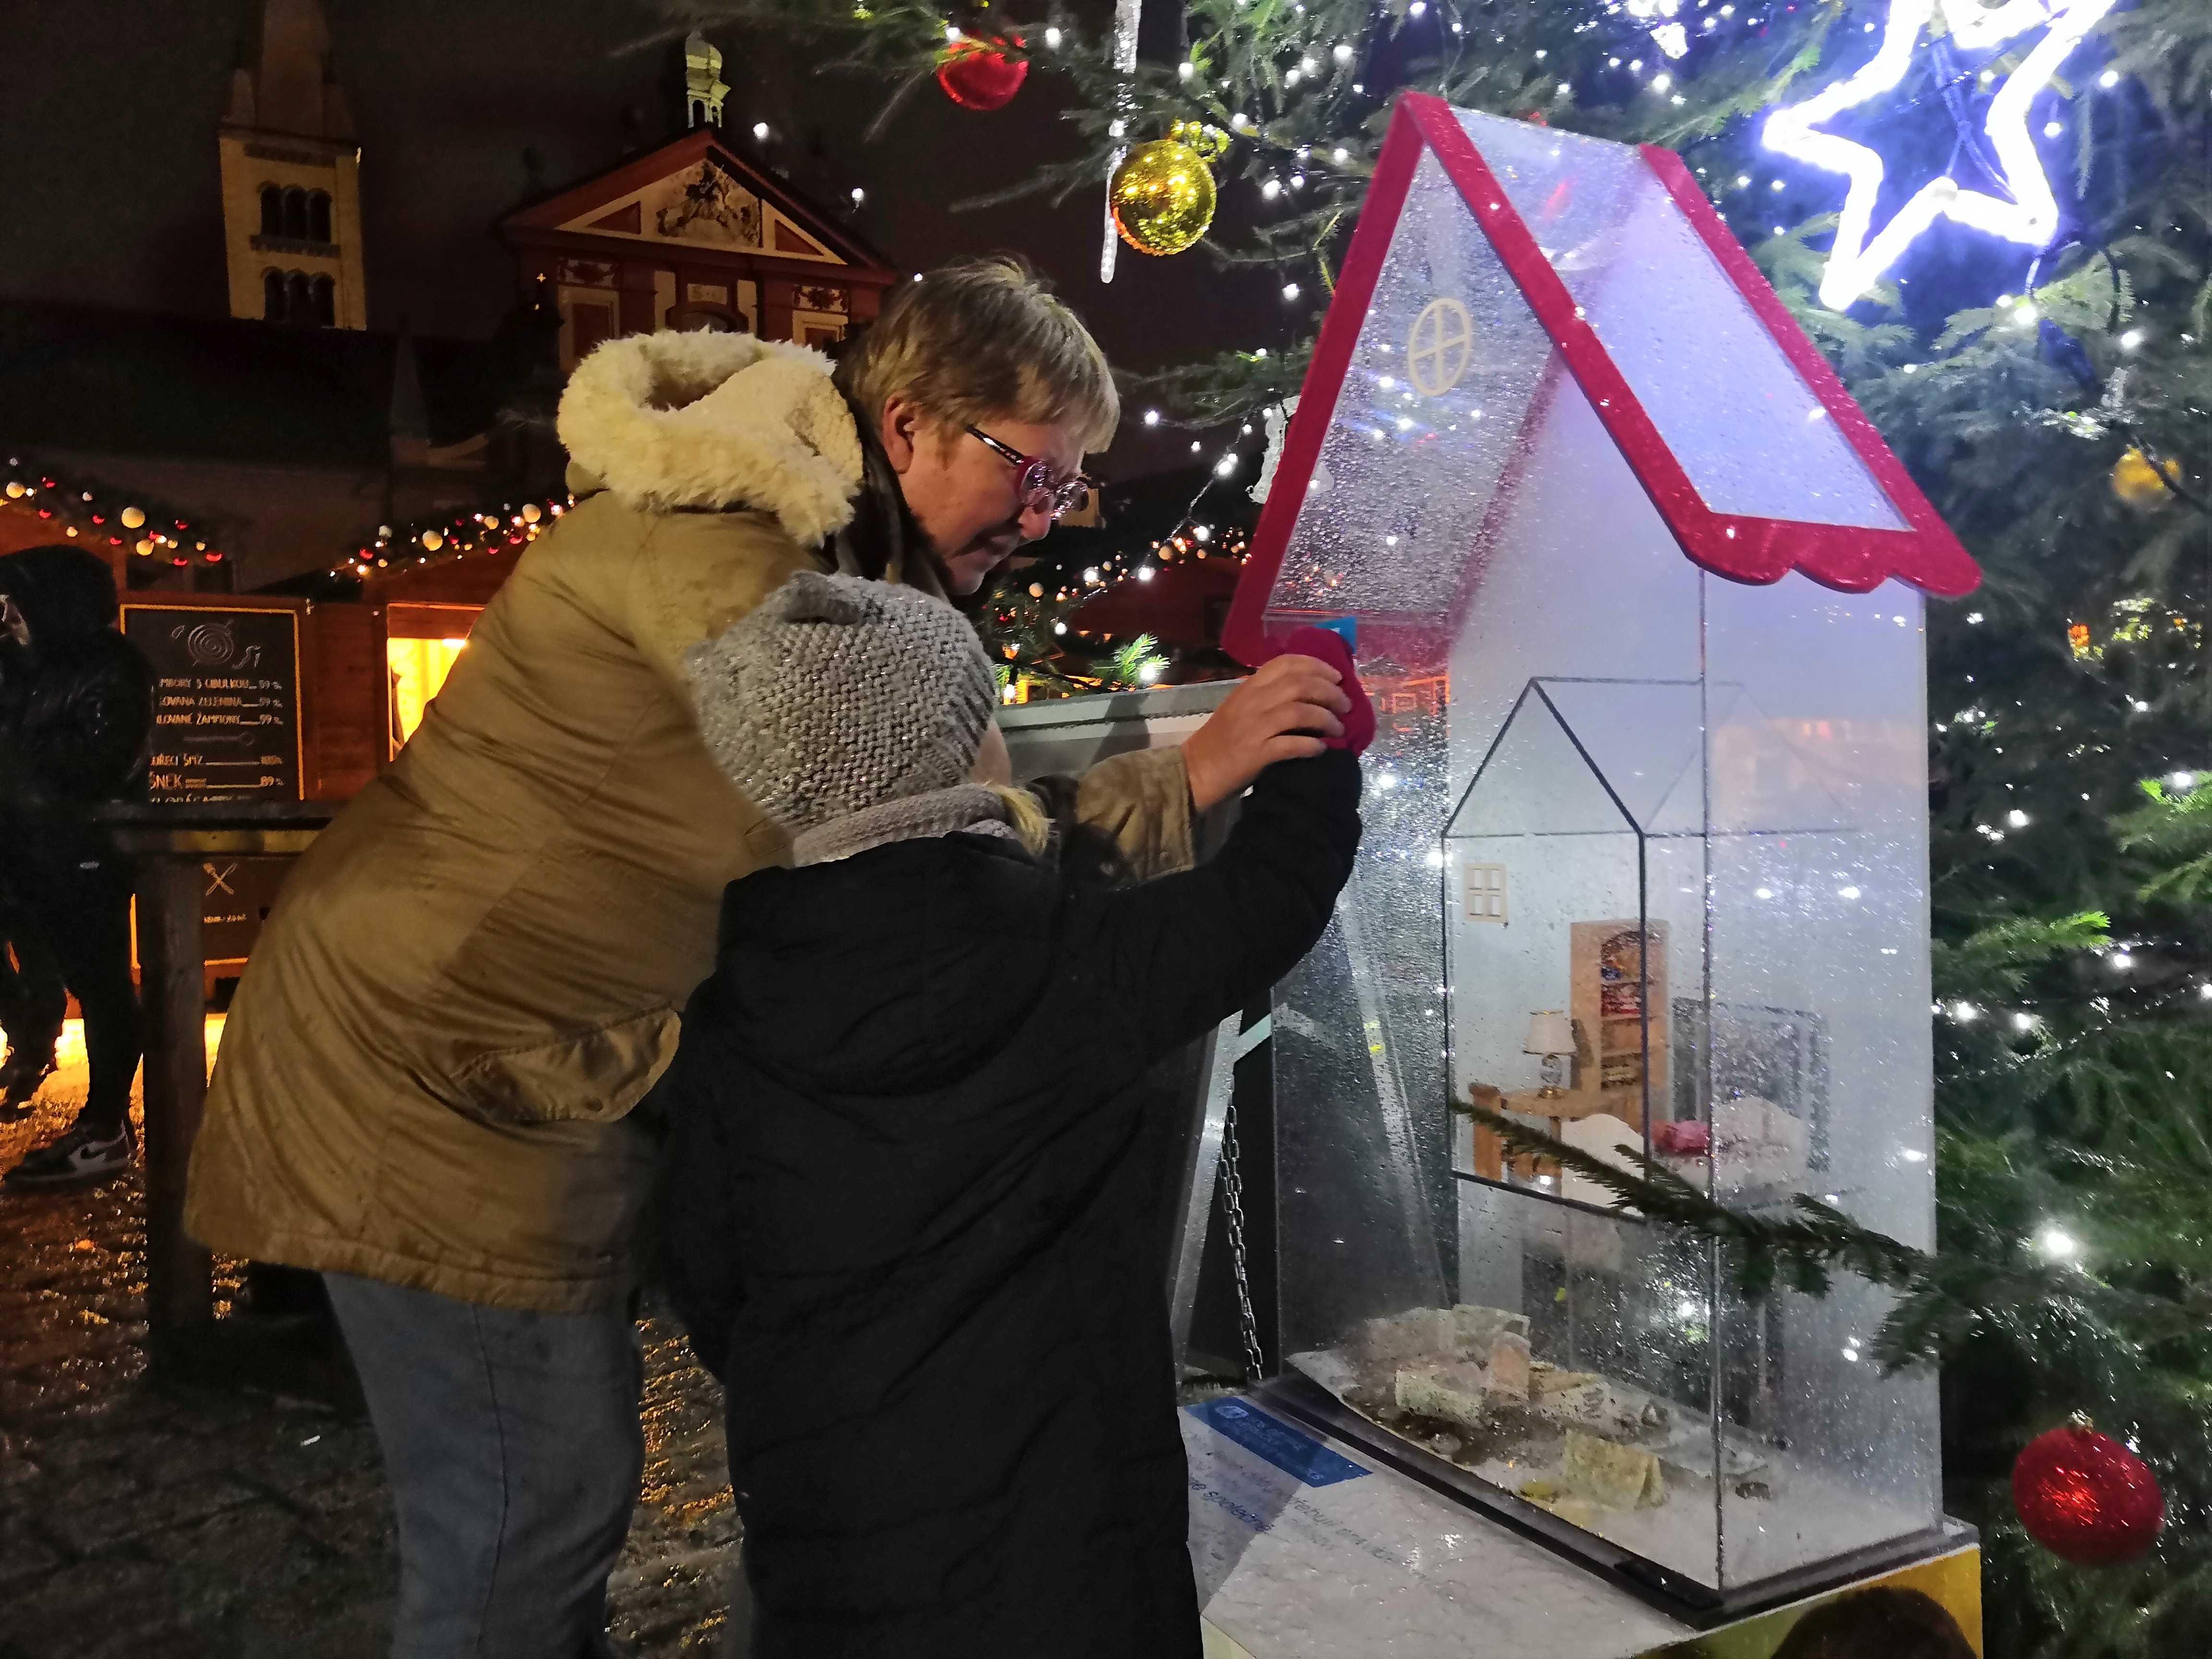 Vánoční sbírka na Pražském hradě vynesla 180 000 korun